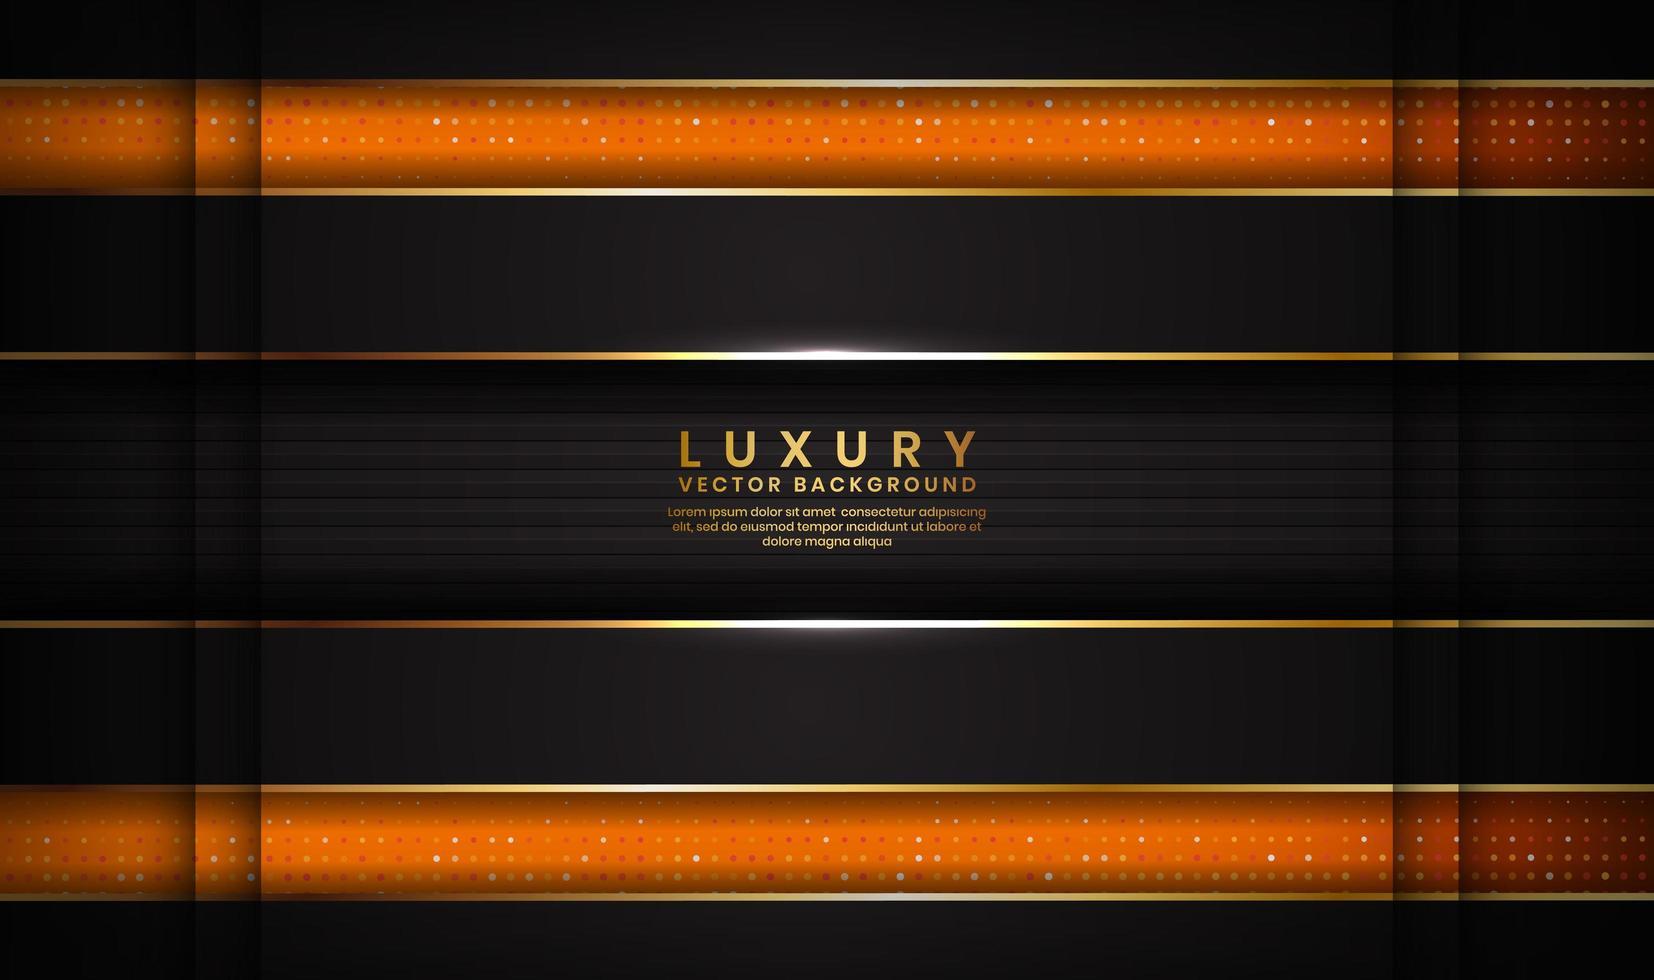 abstracte donkere ruimte luxe zwarte en oranje achtergrond met gouden lijnen vector